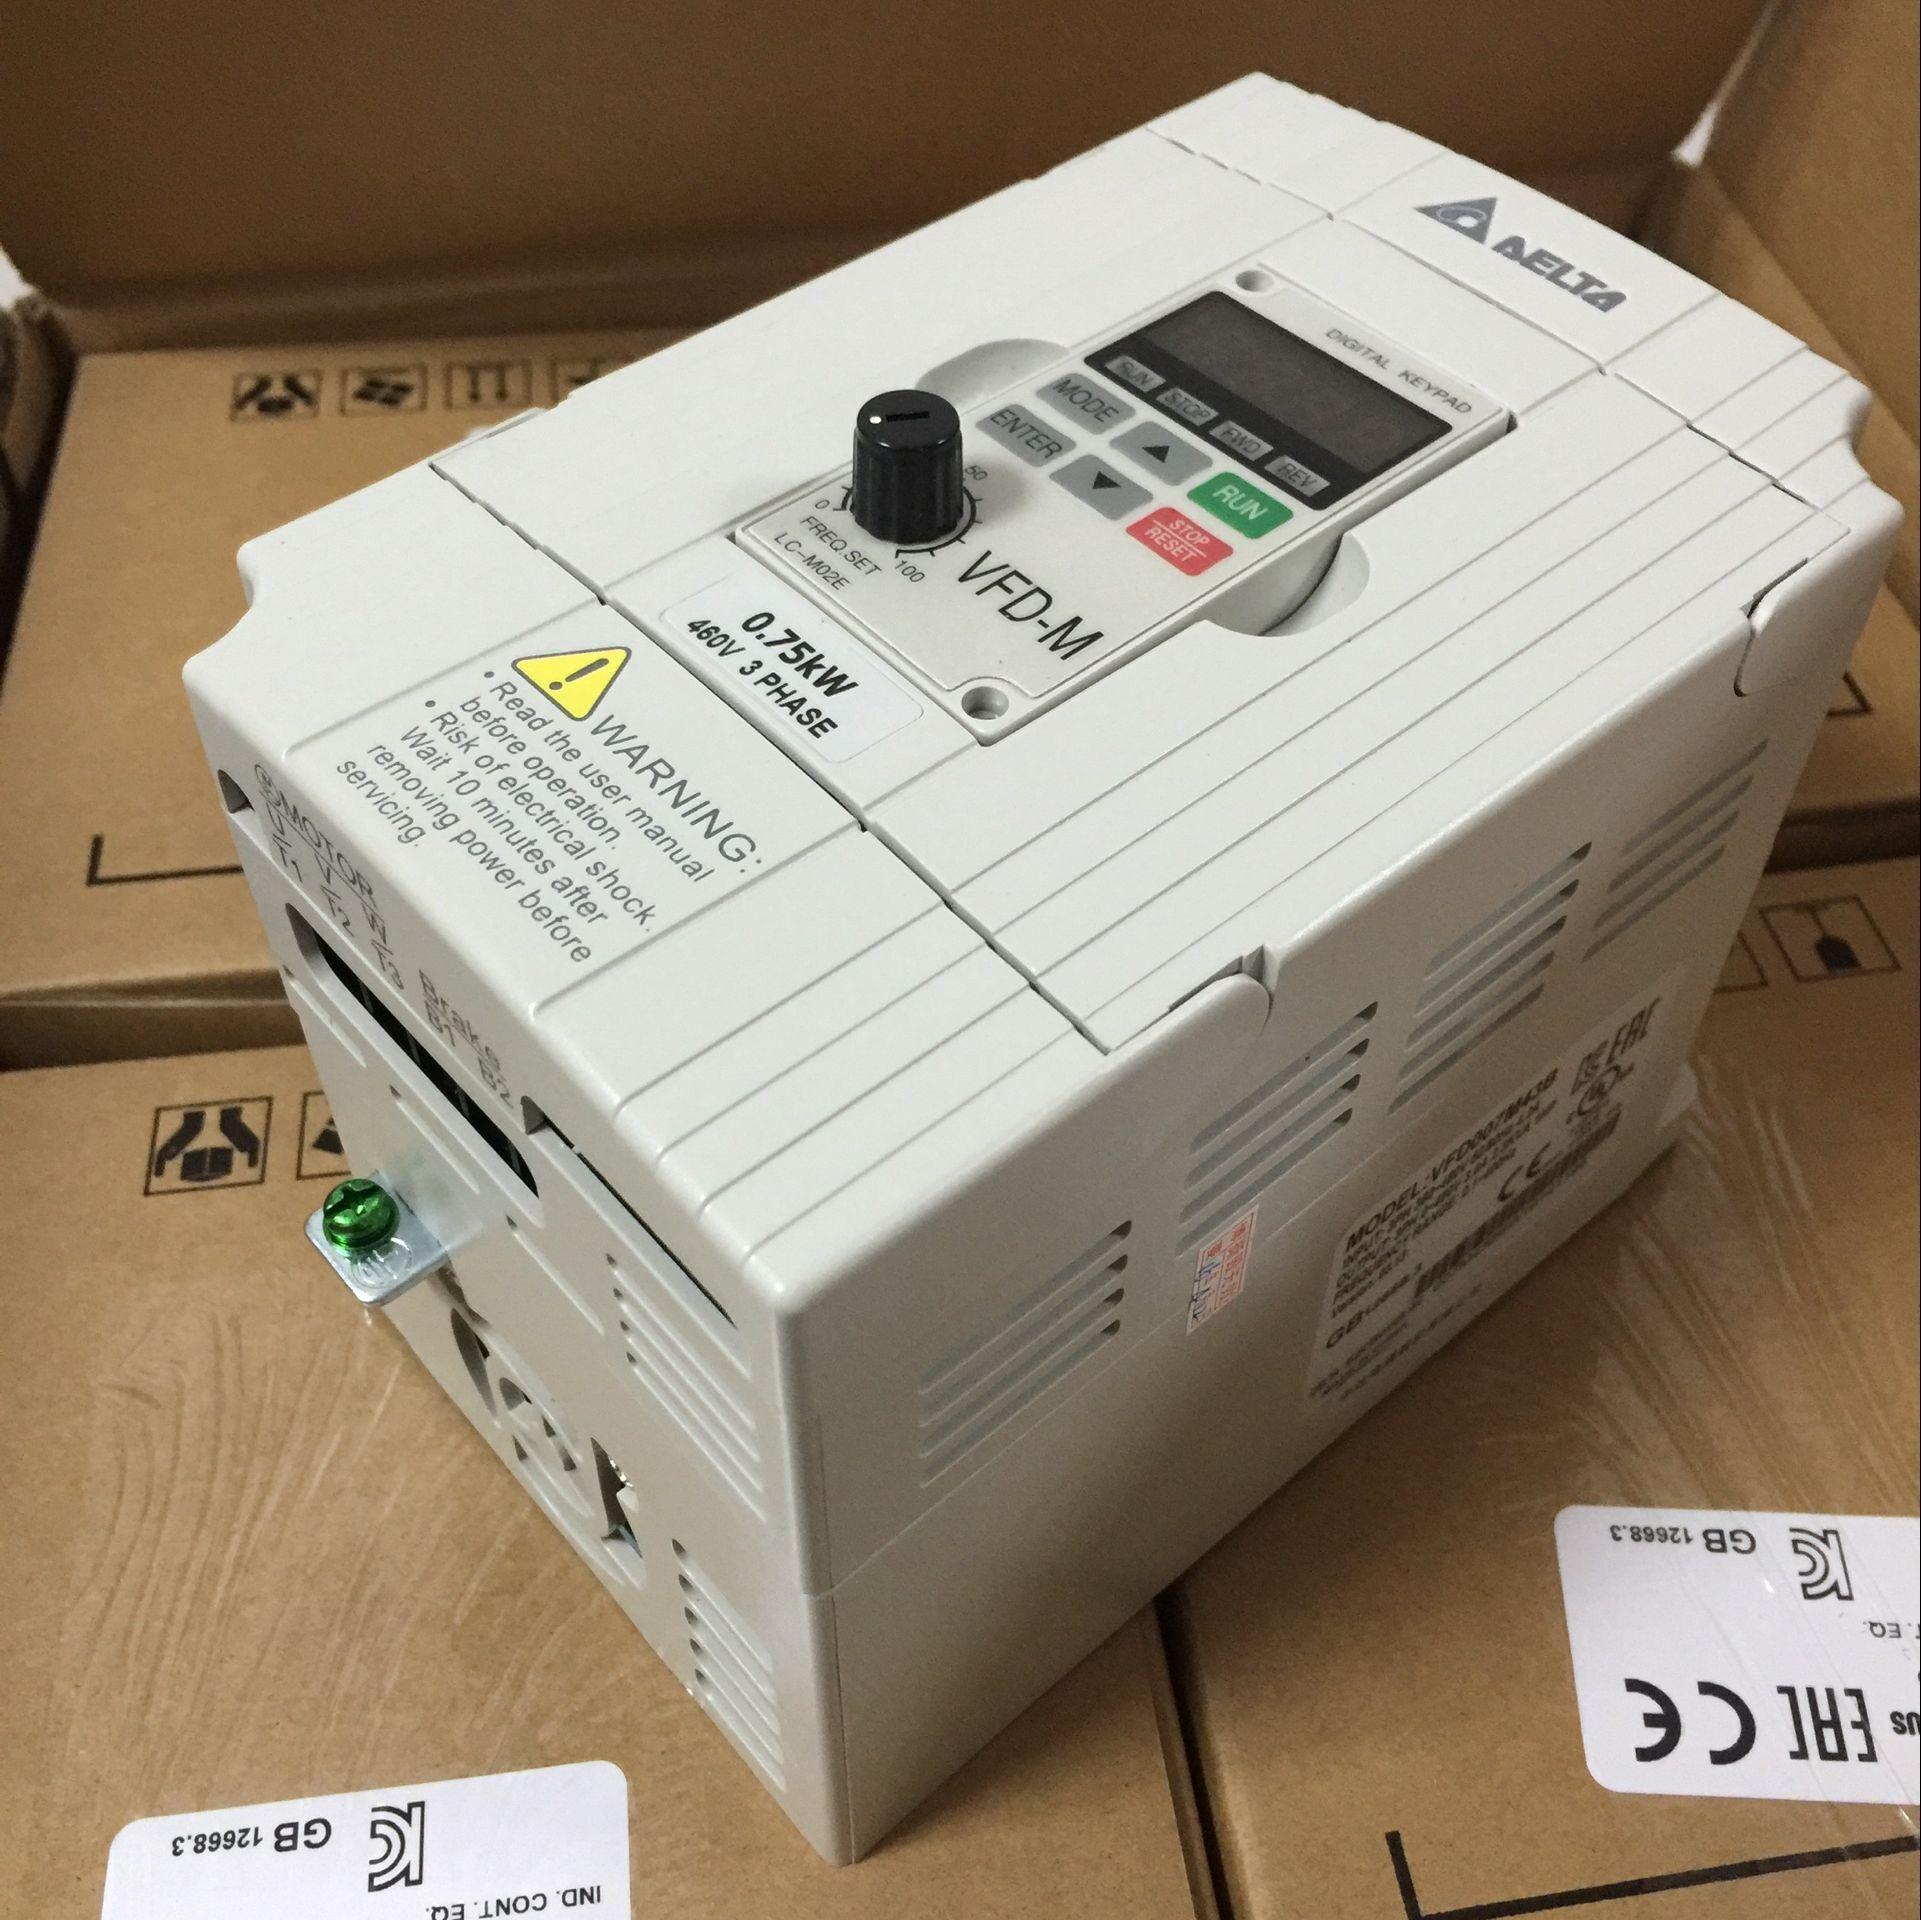 全新原装台湾台达m系列变频器 380v vfd055m43a